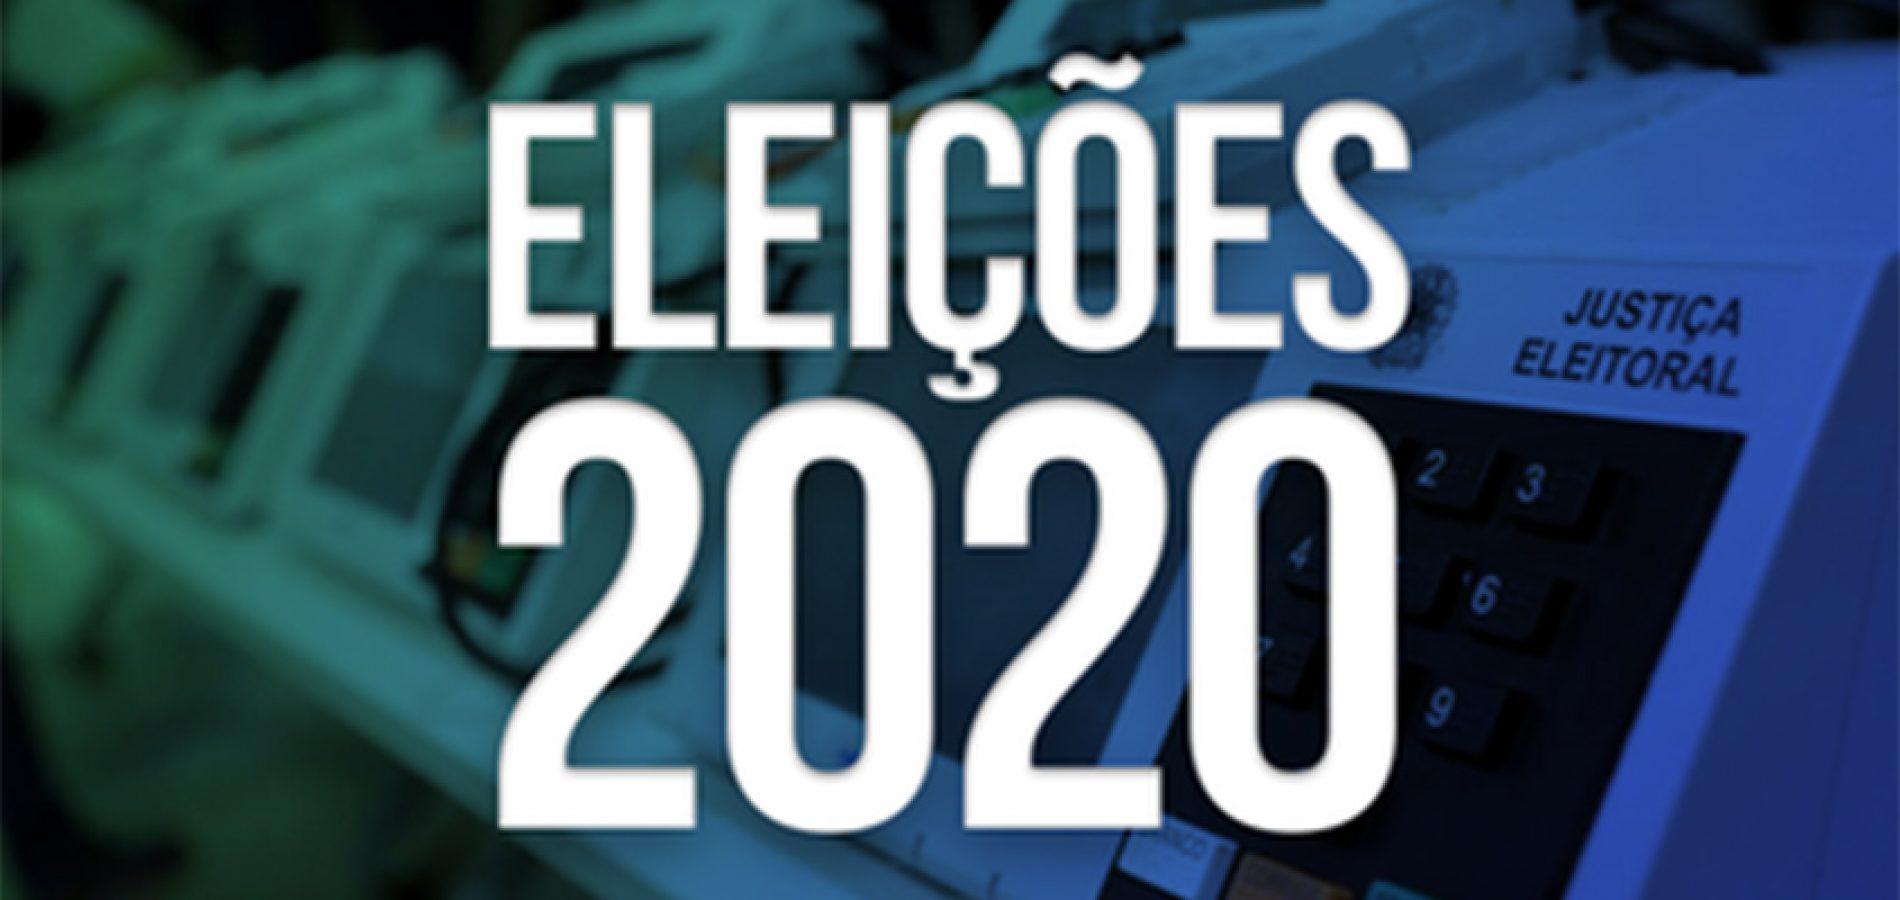 Instituições lançam campanha #EuFaçoEleiçõesLimpas e incentivam voto consciente